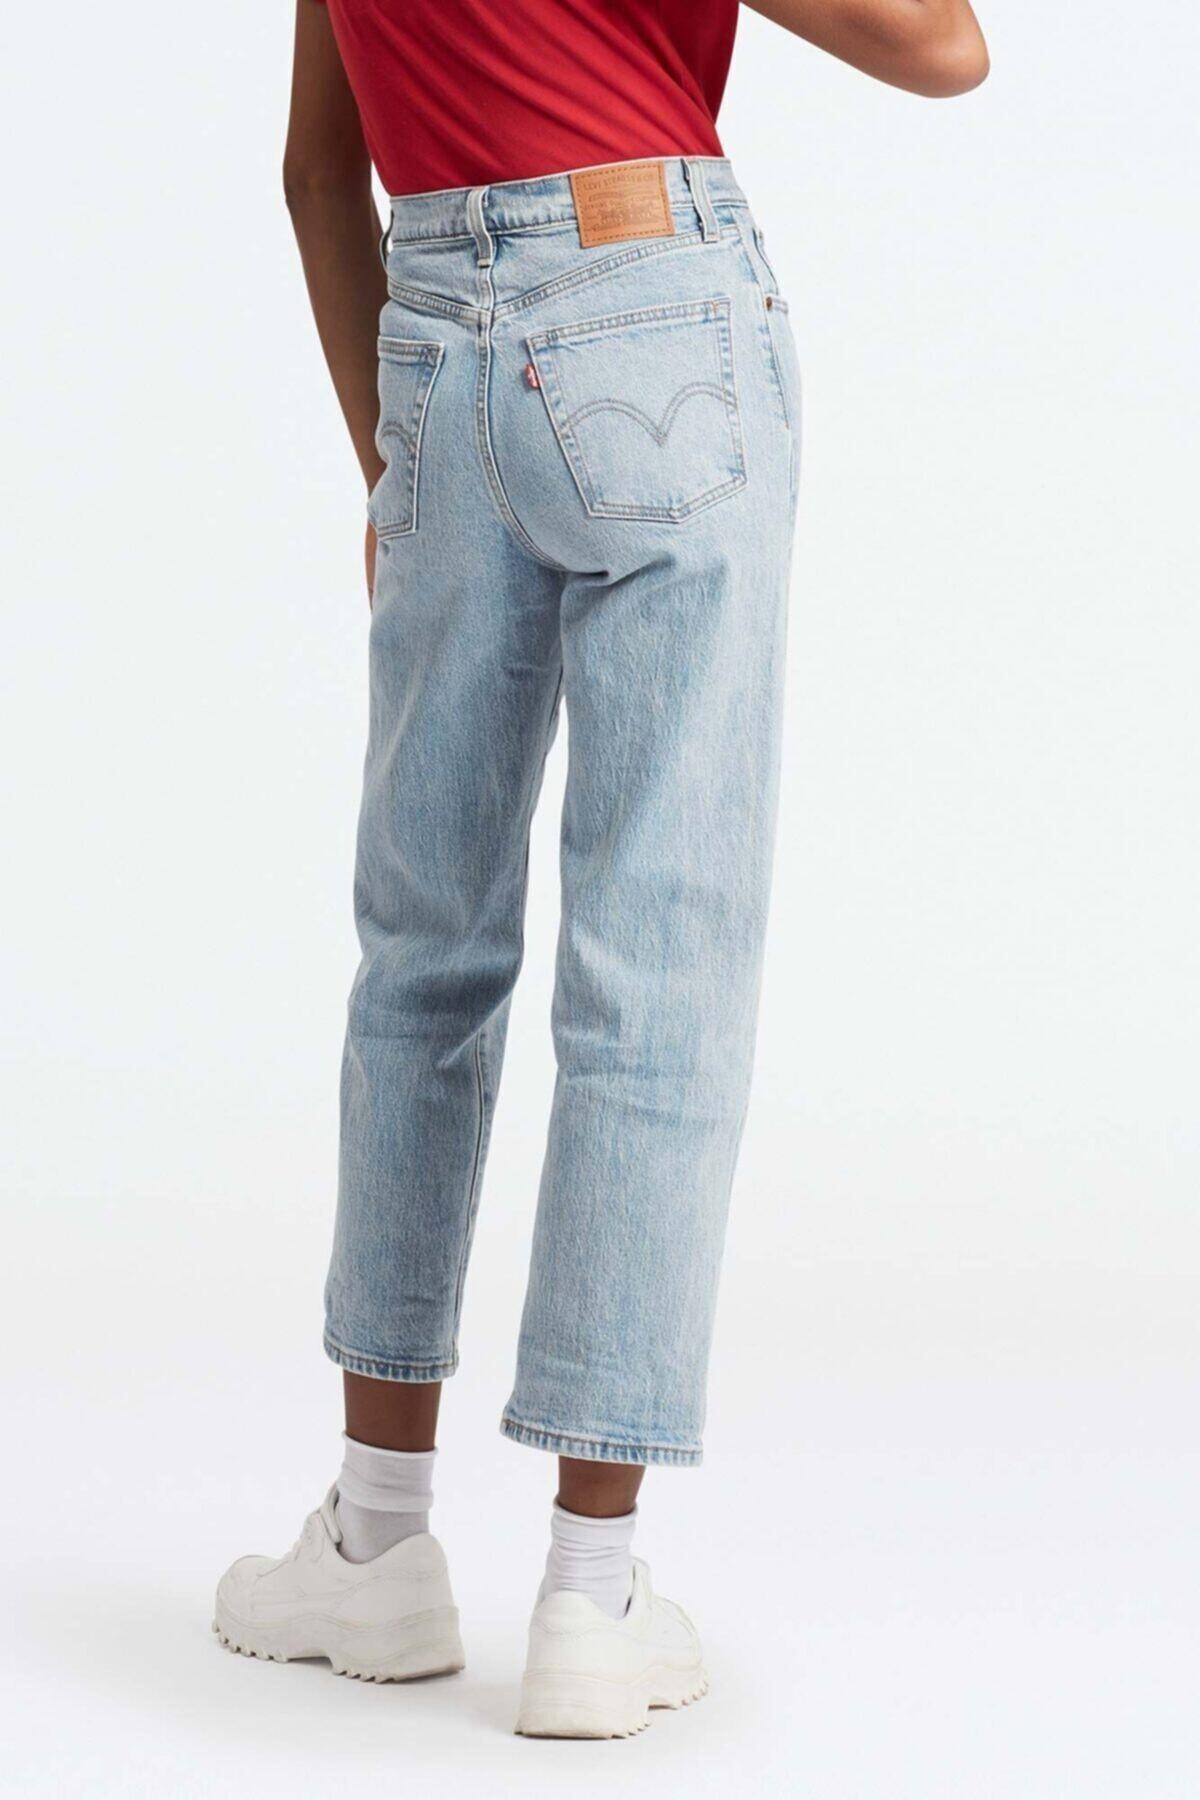 Levi's Jeans 2